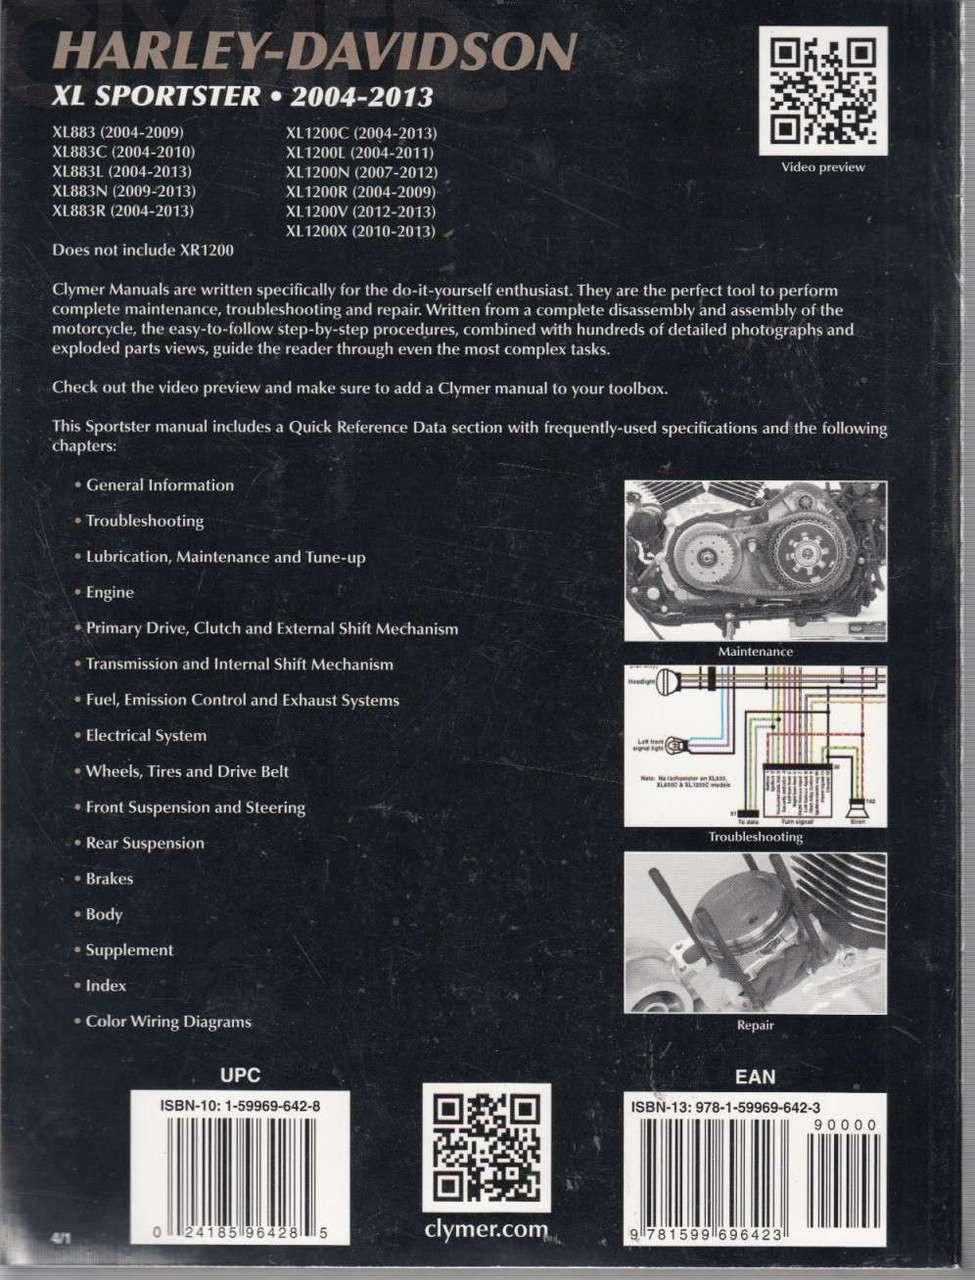 2013 harley davidson workshop manual 06 harley softail wiring diagram harley davidson softail 2013 service workshop repair manual